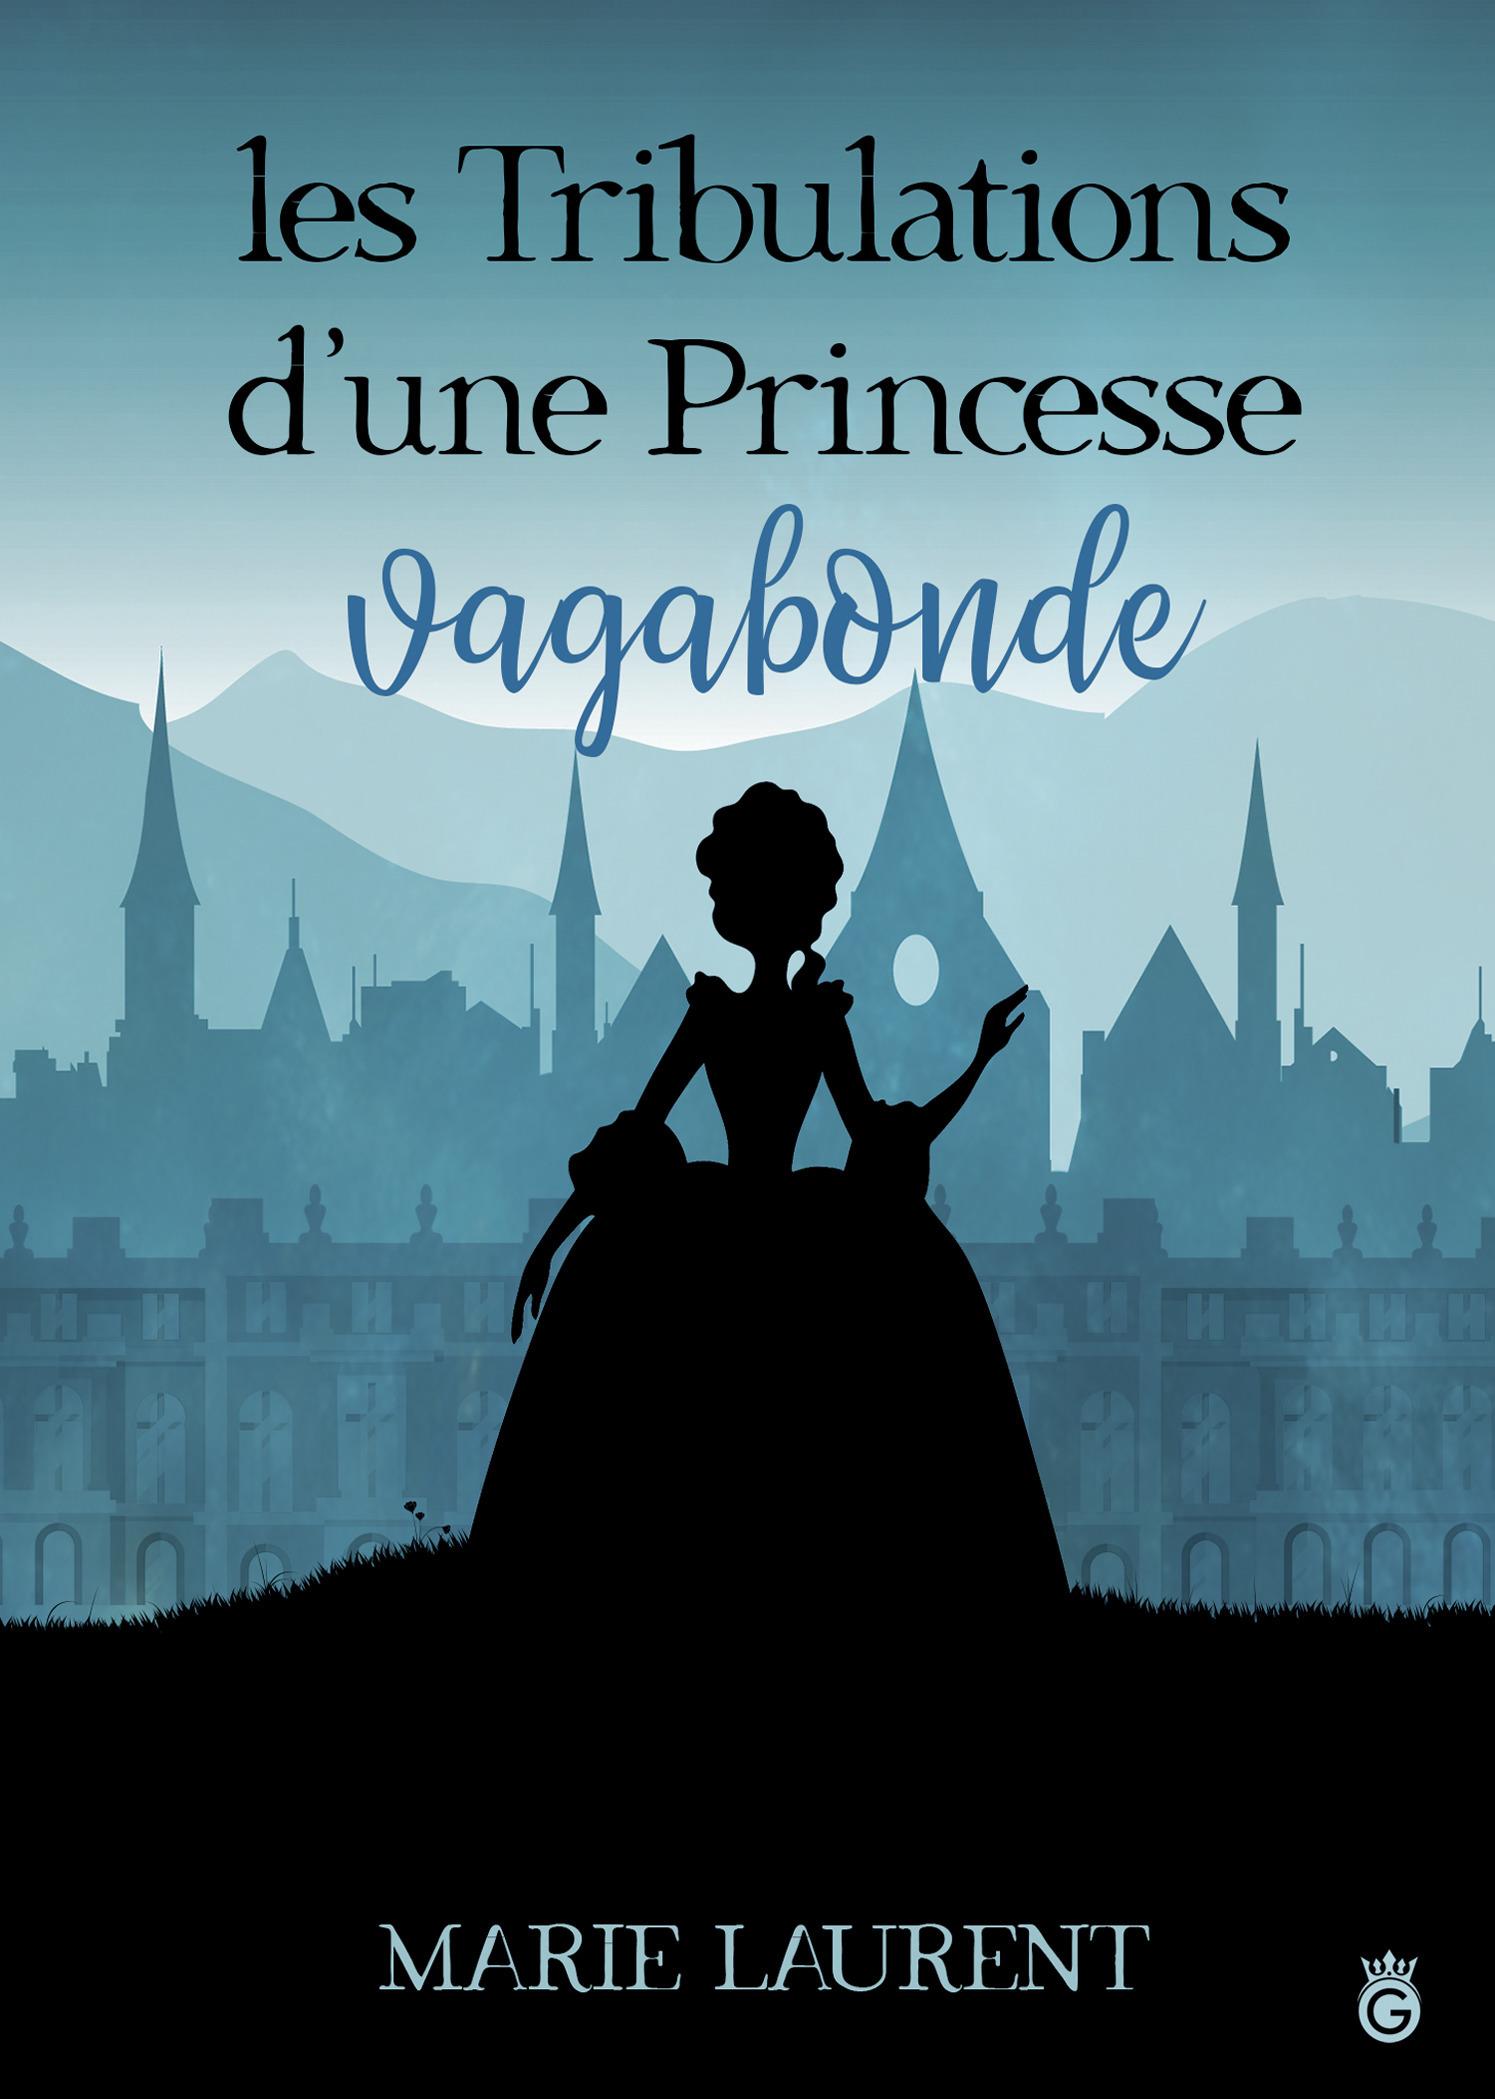 Les Tribulations d'une Princesse Vagabonde  - Marie Laurent